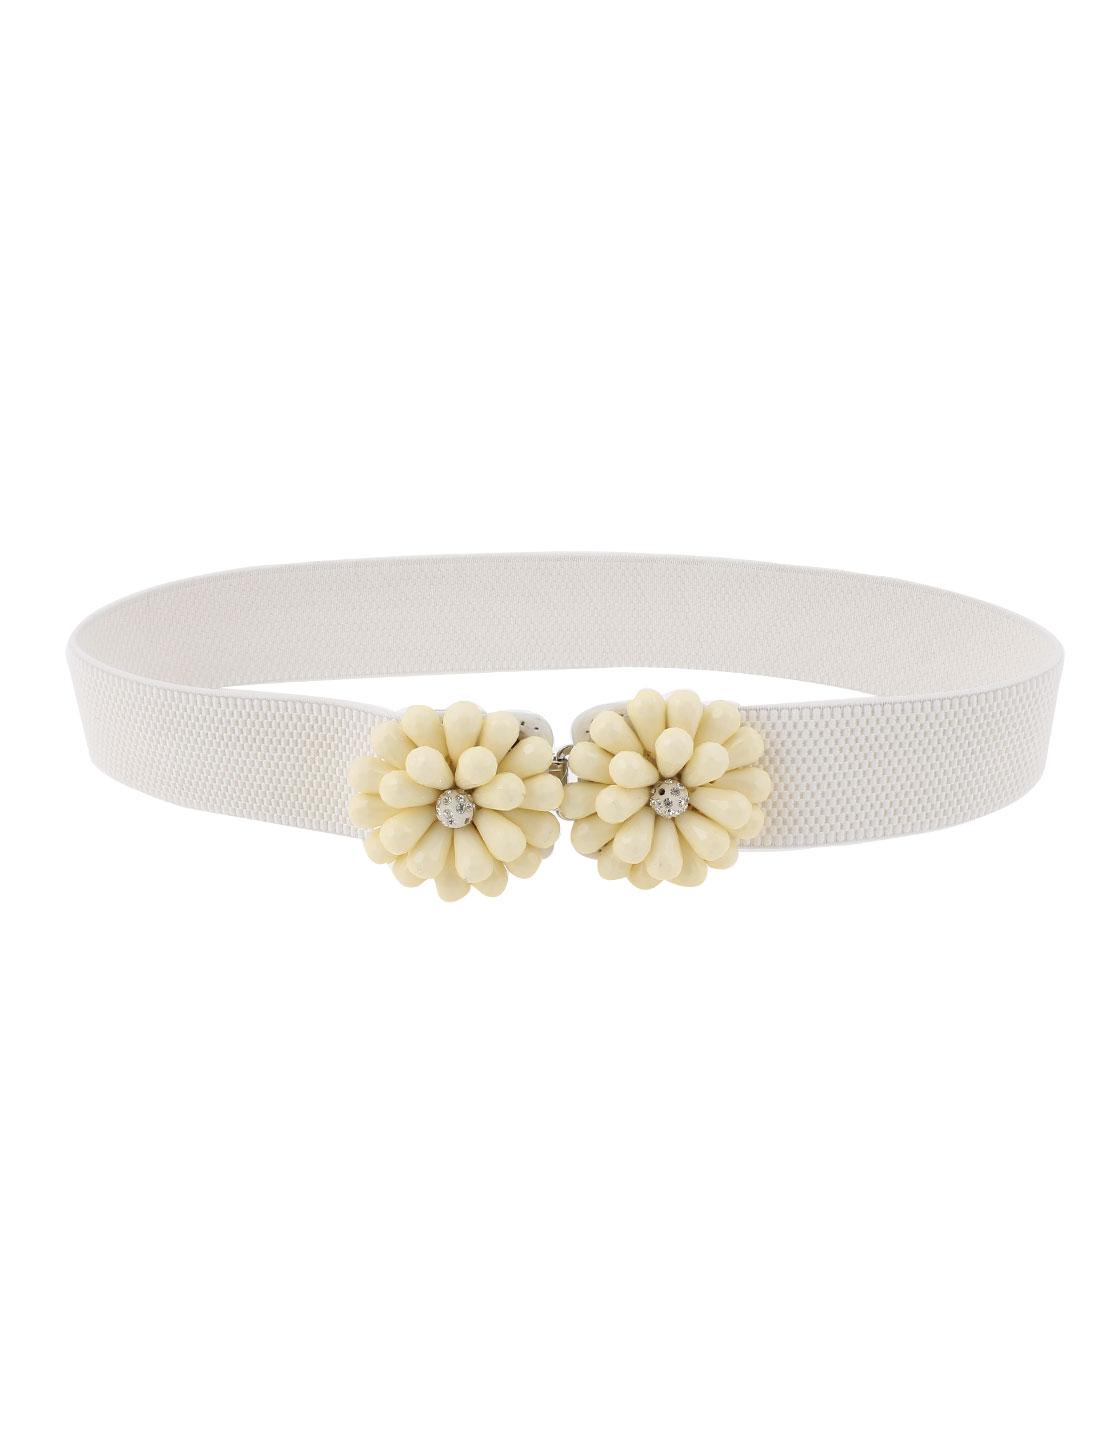 Flower Shape Interlocking Buckle Elastic Waist Belt White for Women